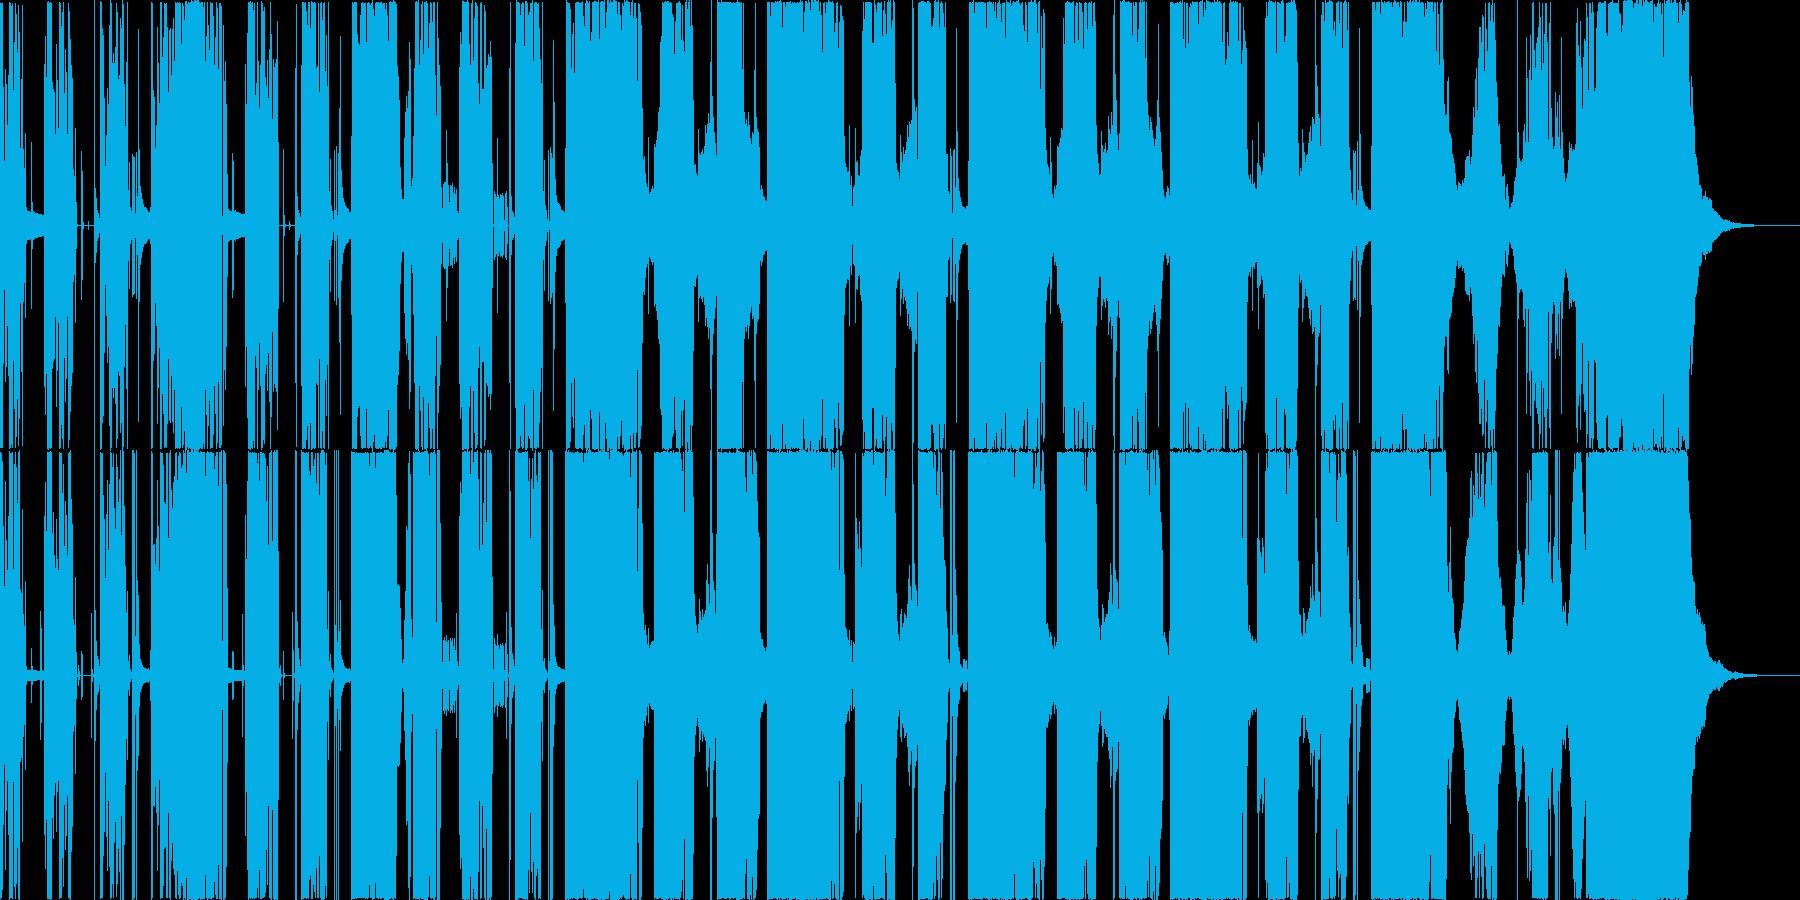 お洒落で現代的 缶や水の音 CMなどにの再生済みの波形